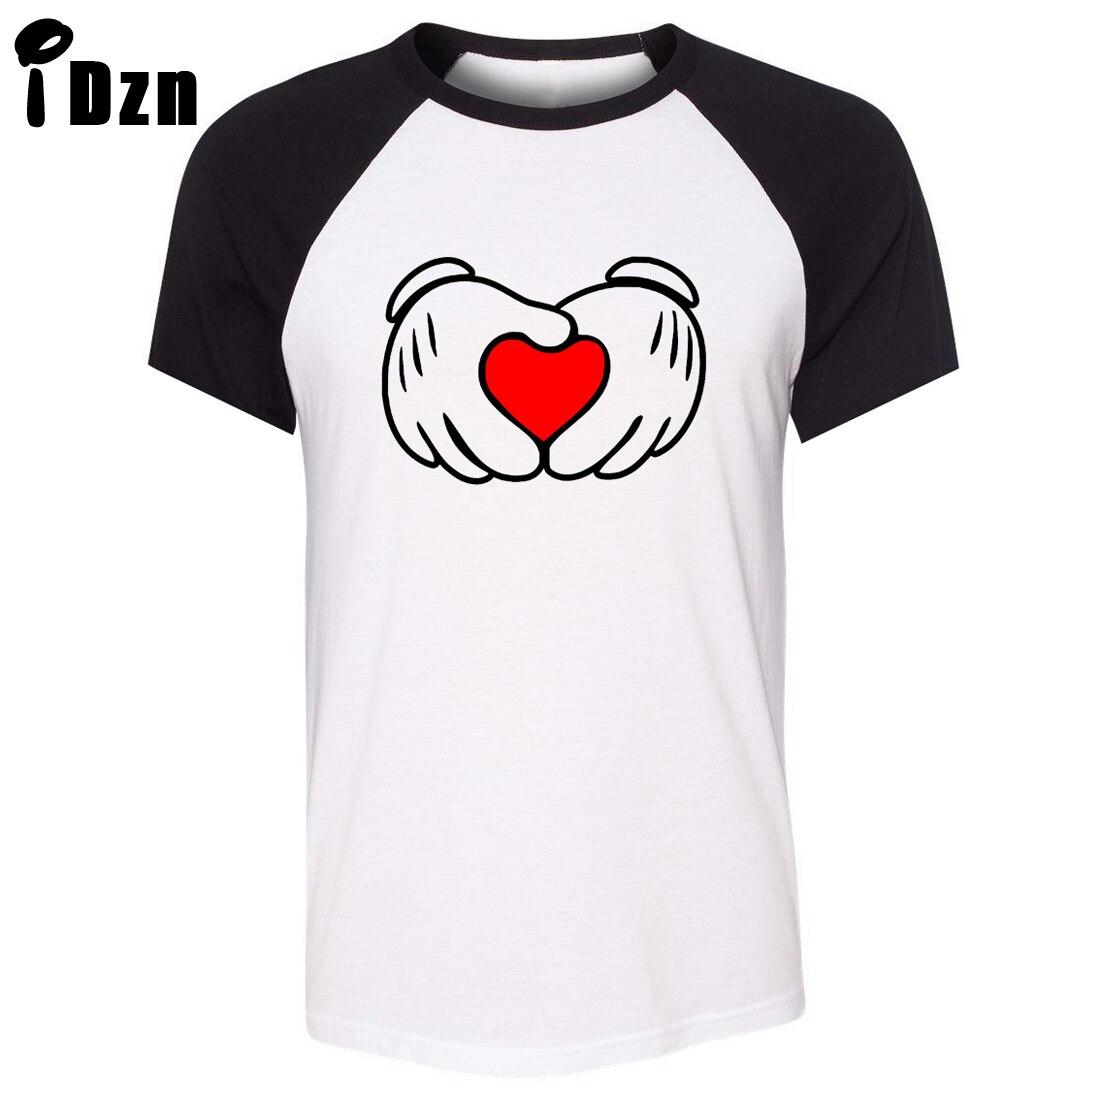 Heart design t shirt - Idzn Unisex Summer T Shirt Funny Red Love Heart Gesture Art Pattern Design Raglan Short